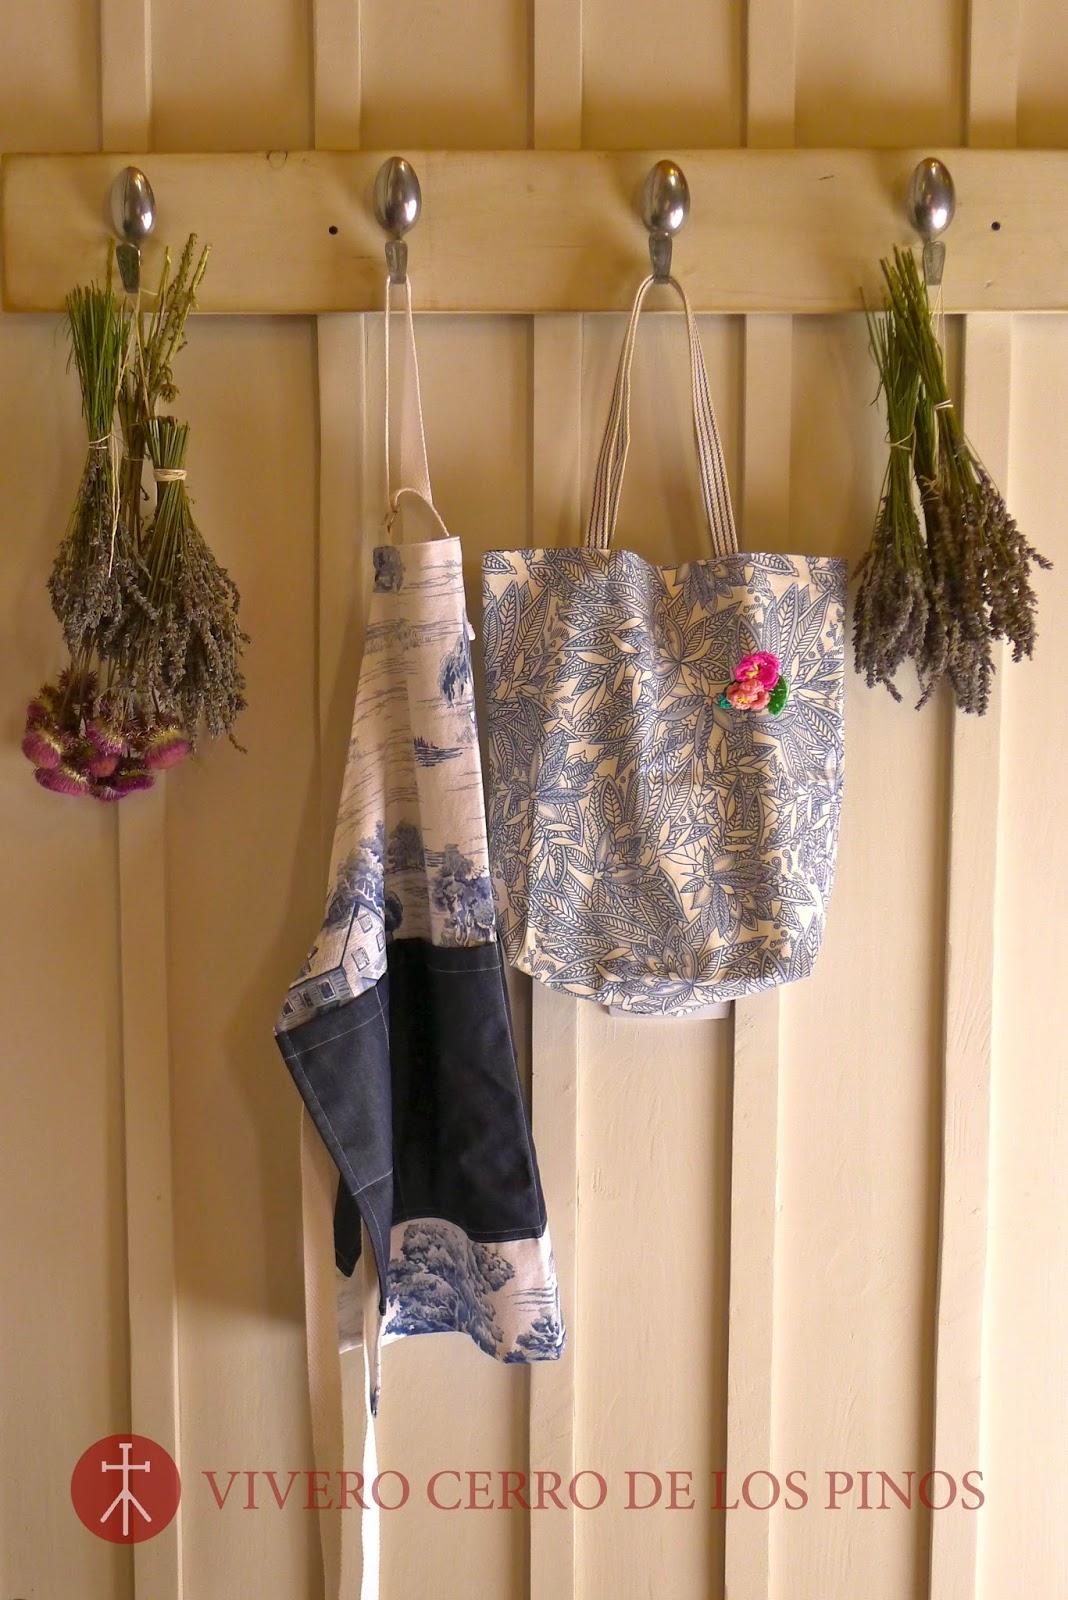 Vivero cerro de los pinos flores secas de lavanda for Vivero los penotes